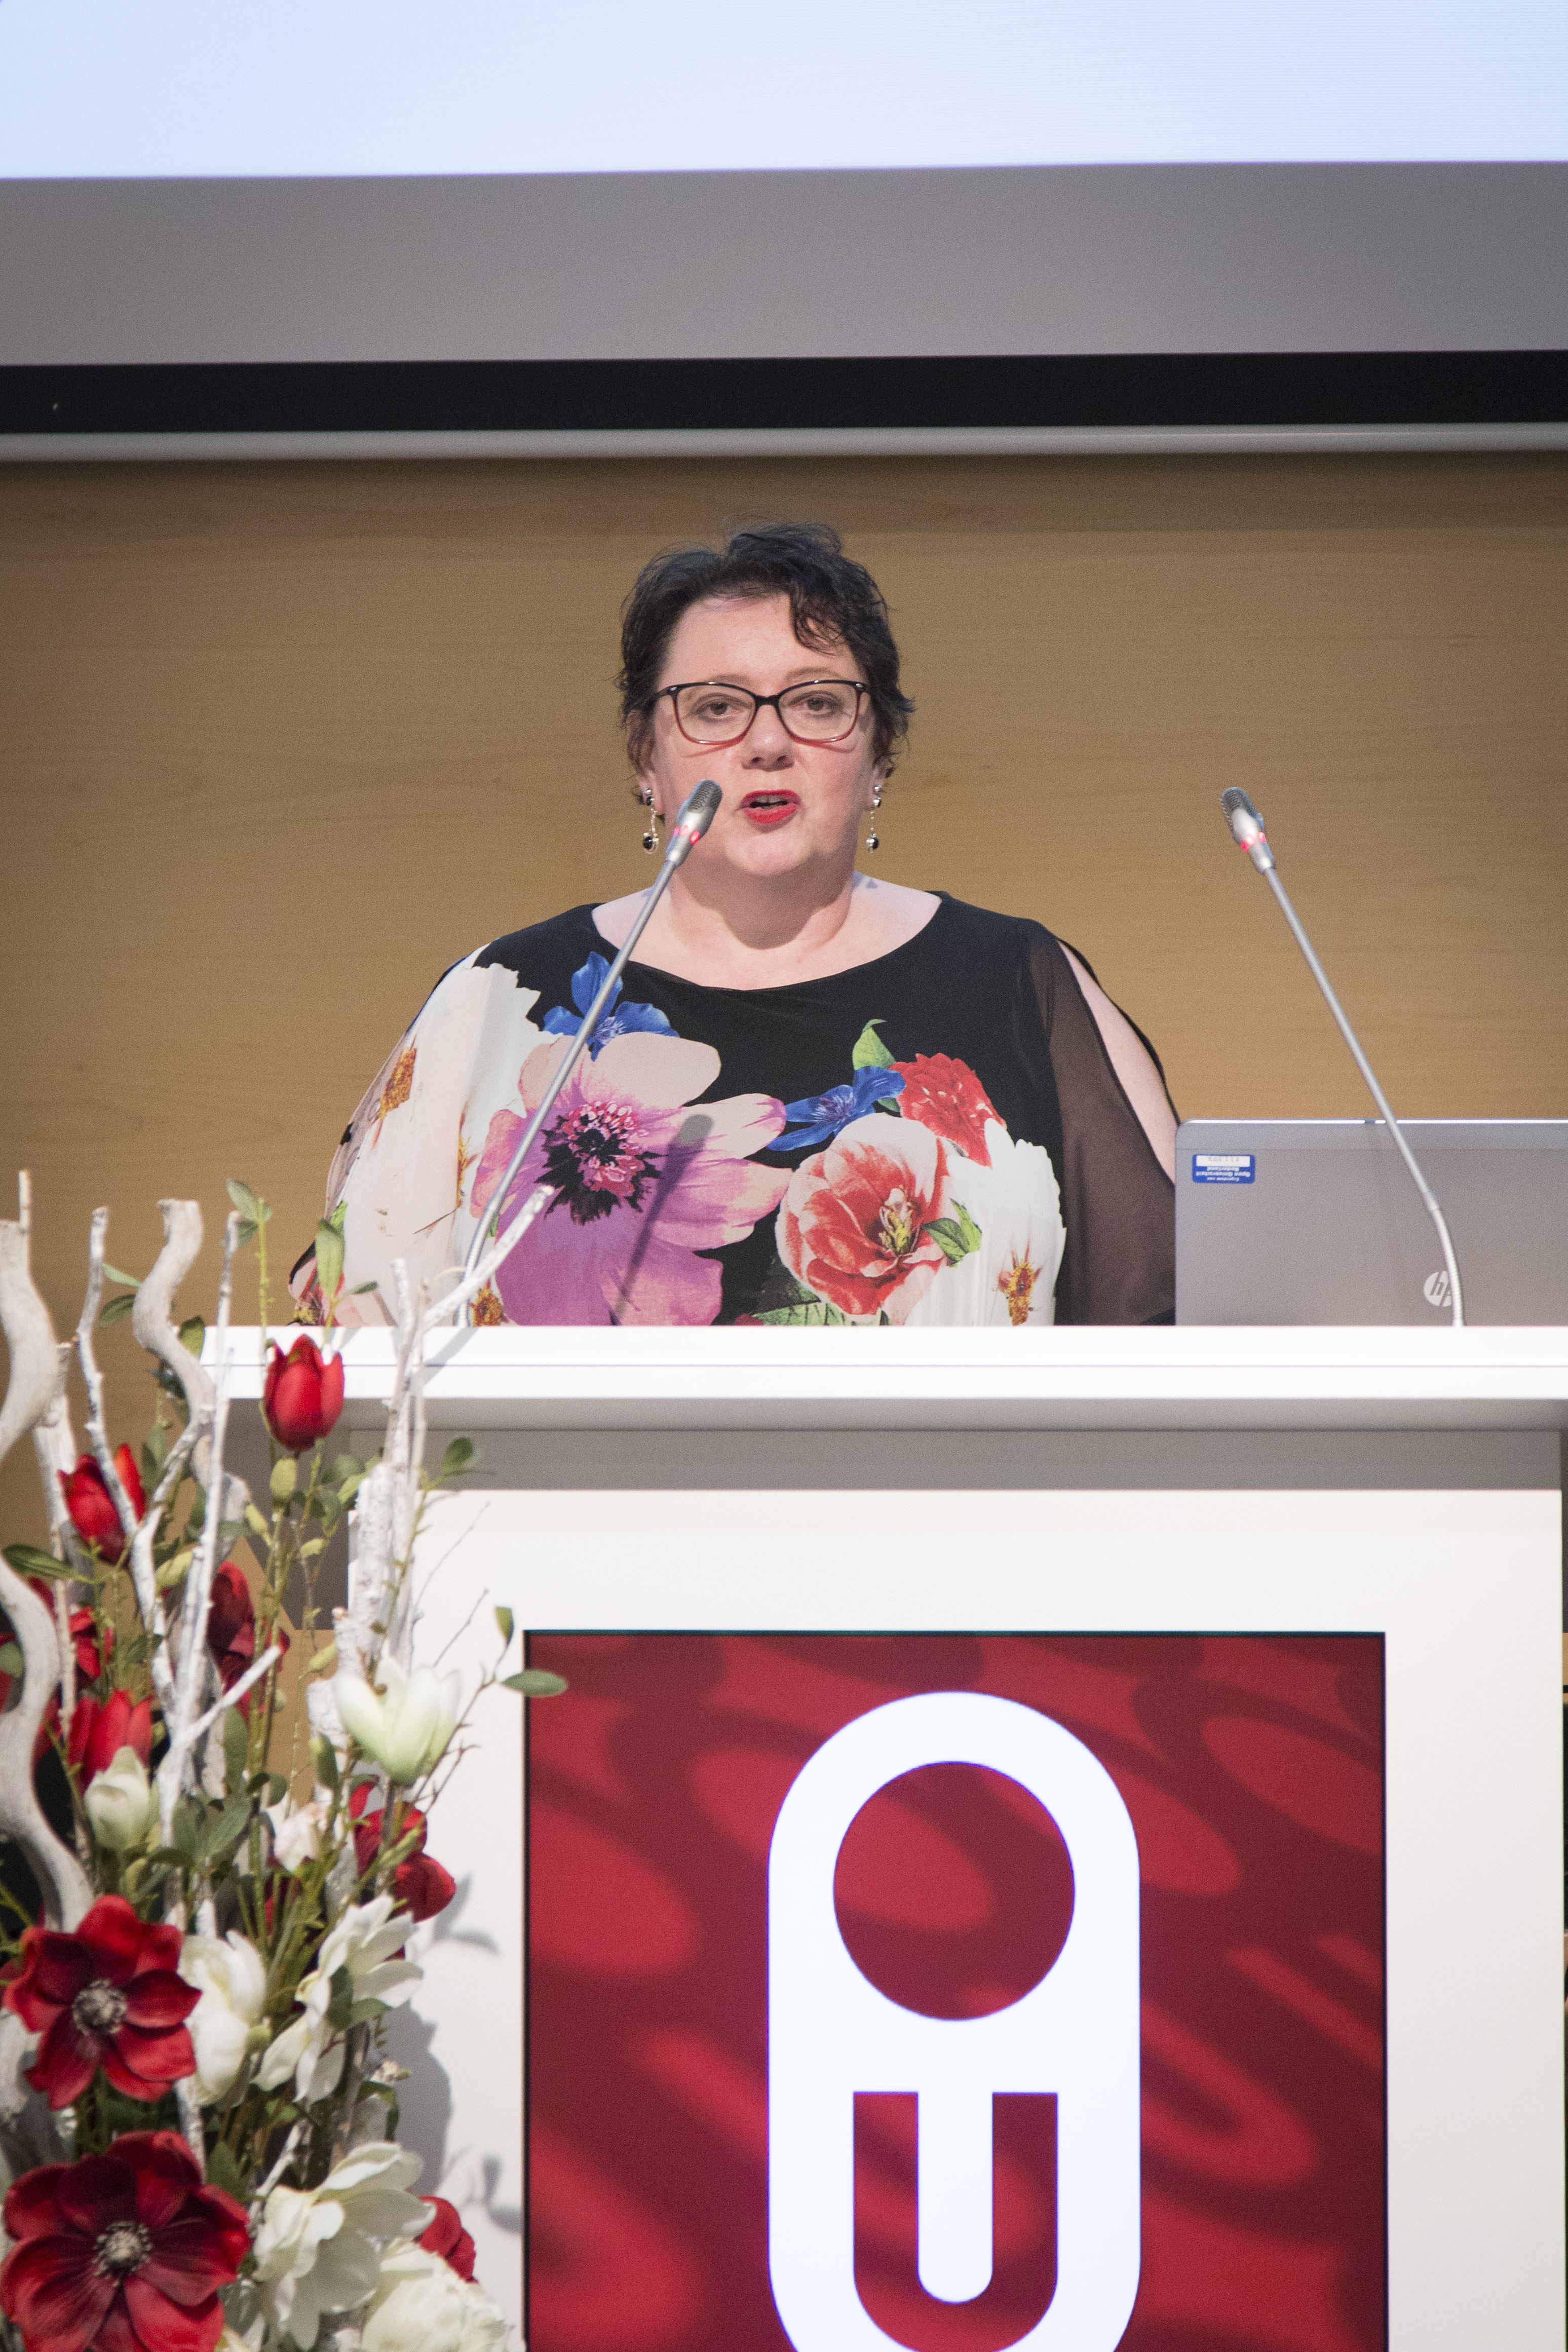 Dr. Lilian Jans-Beken geeft een lezing over dankbaarheid.